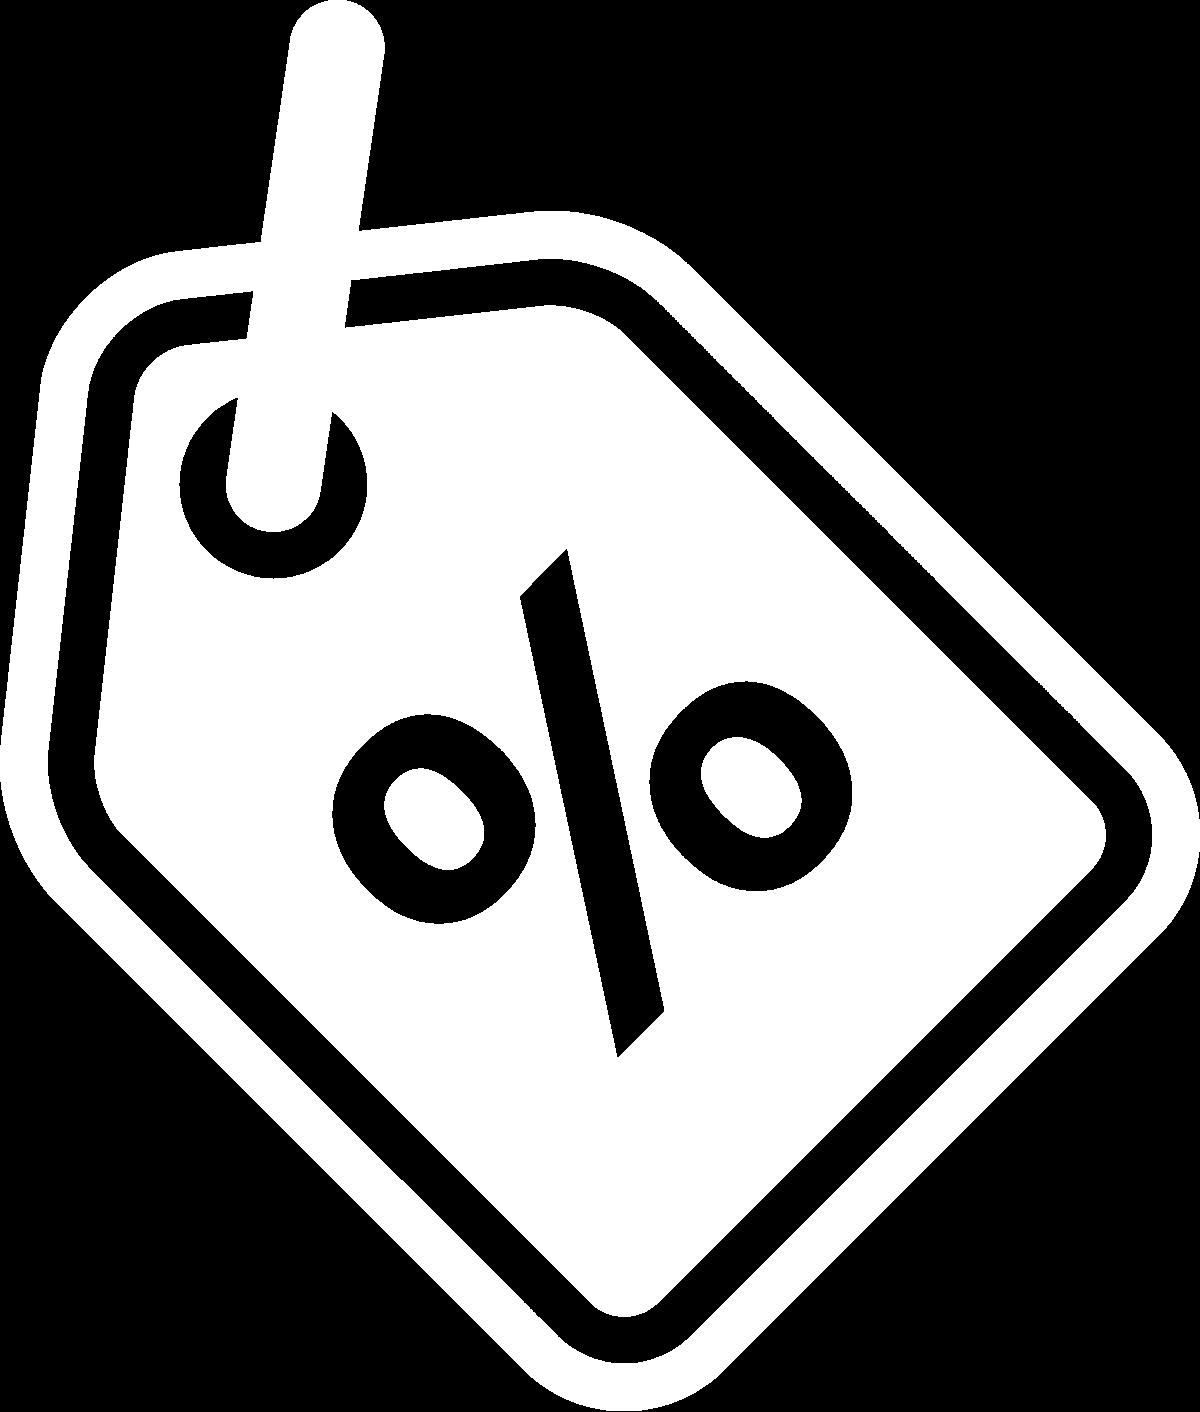 simbolo-comercial-de-interfaz-de-etiqueta-de-descuento-con-signo-de-porcentaje